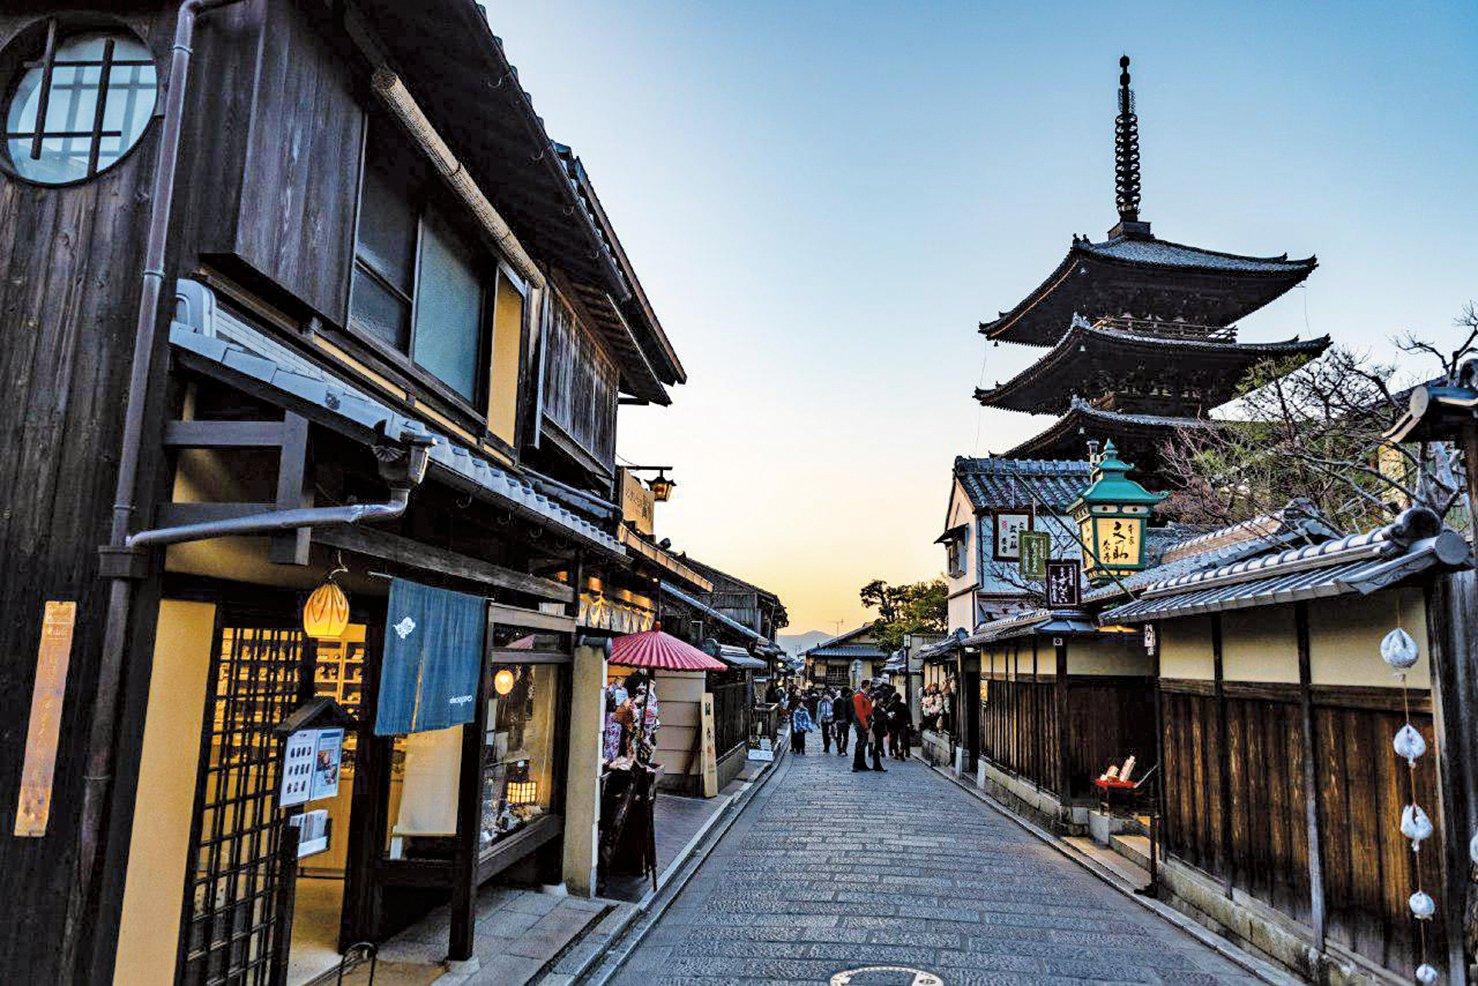 京都的舊街老屋被稱為「町屋」,多為一層、二層的傳統和式木製建築,其中不乏上百年的精品。(AFP)